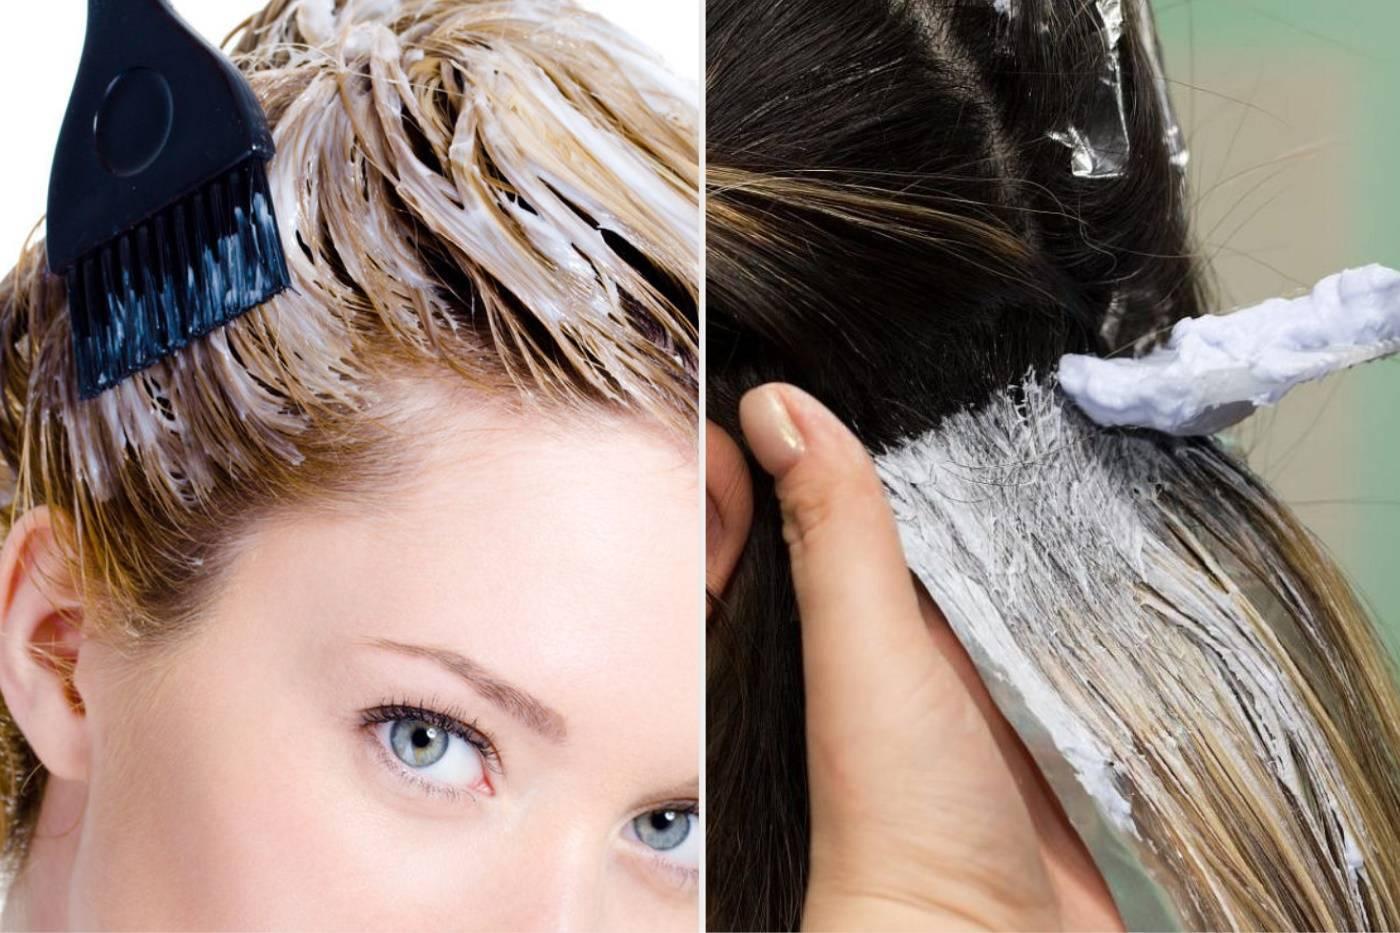 Можно ли вывести вшей краской для волос